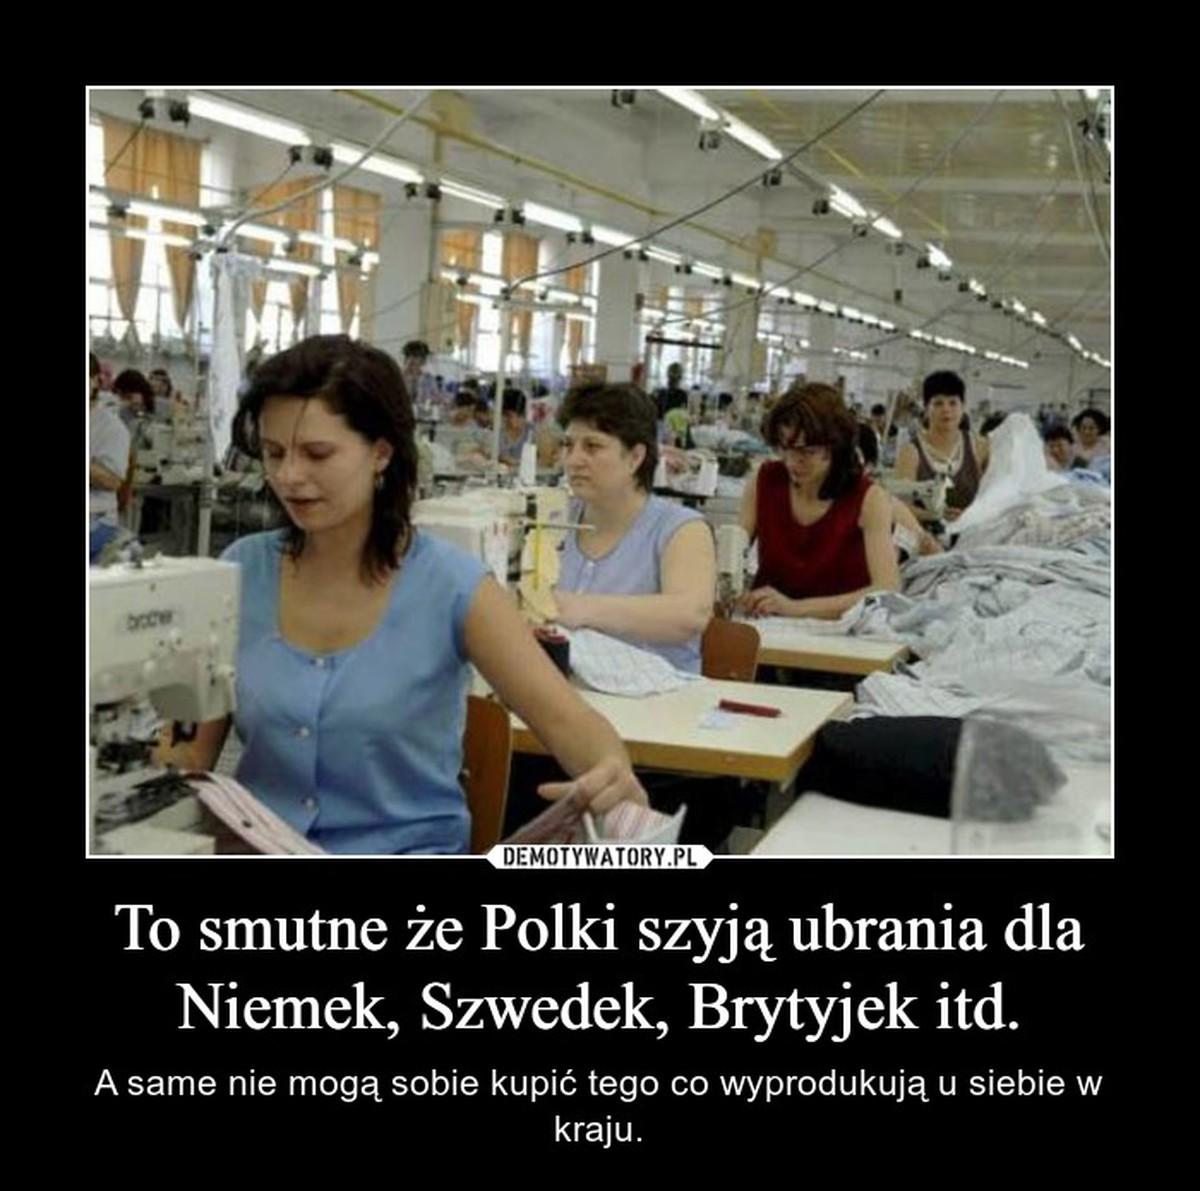 To Smutne że Polki Szyją Ubrania Dla Niemek Szwedek